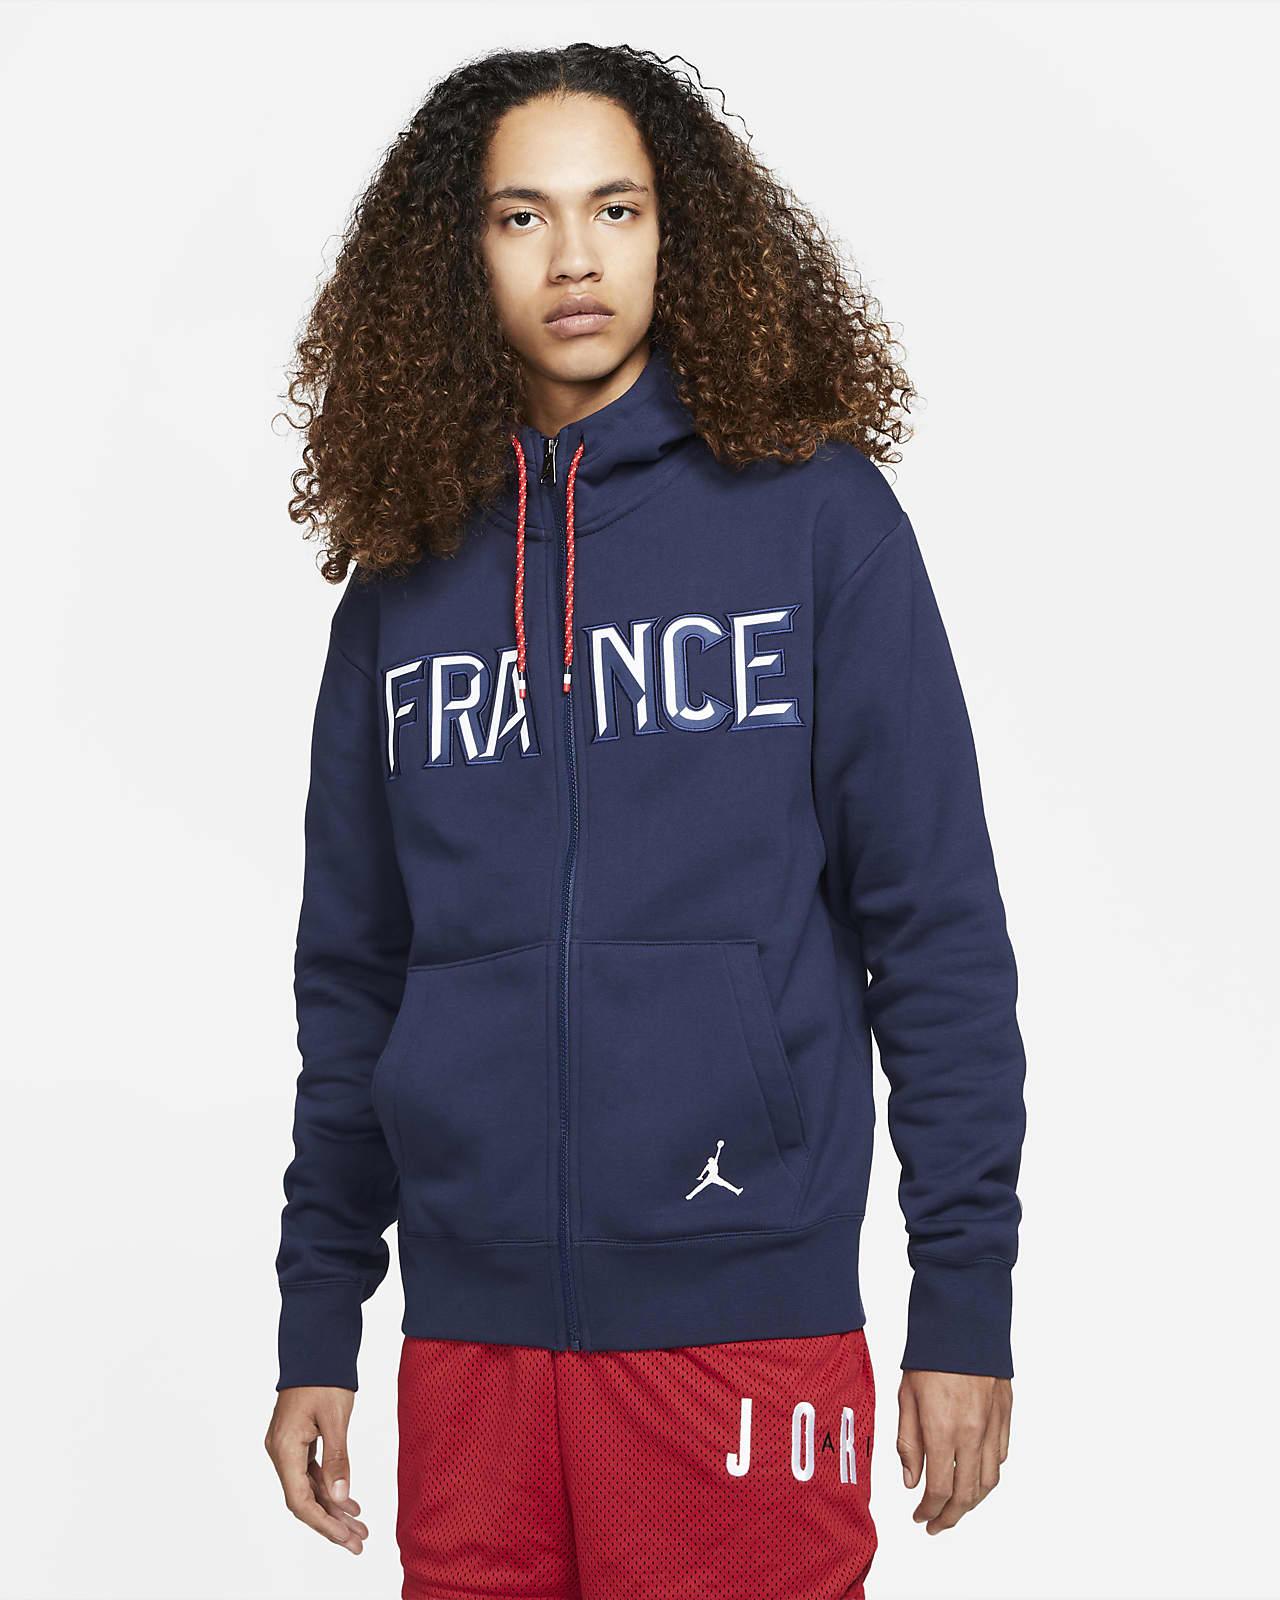 Ανδρική φλις μπλούζα με κουκούλα και φερμουάρ σε όλο το μήκος Γαλλία Jordan Flight